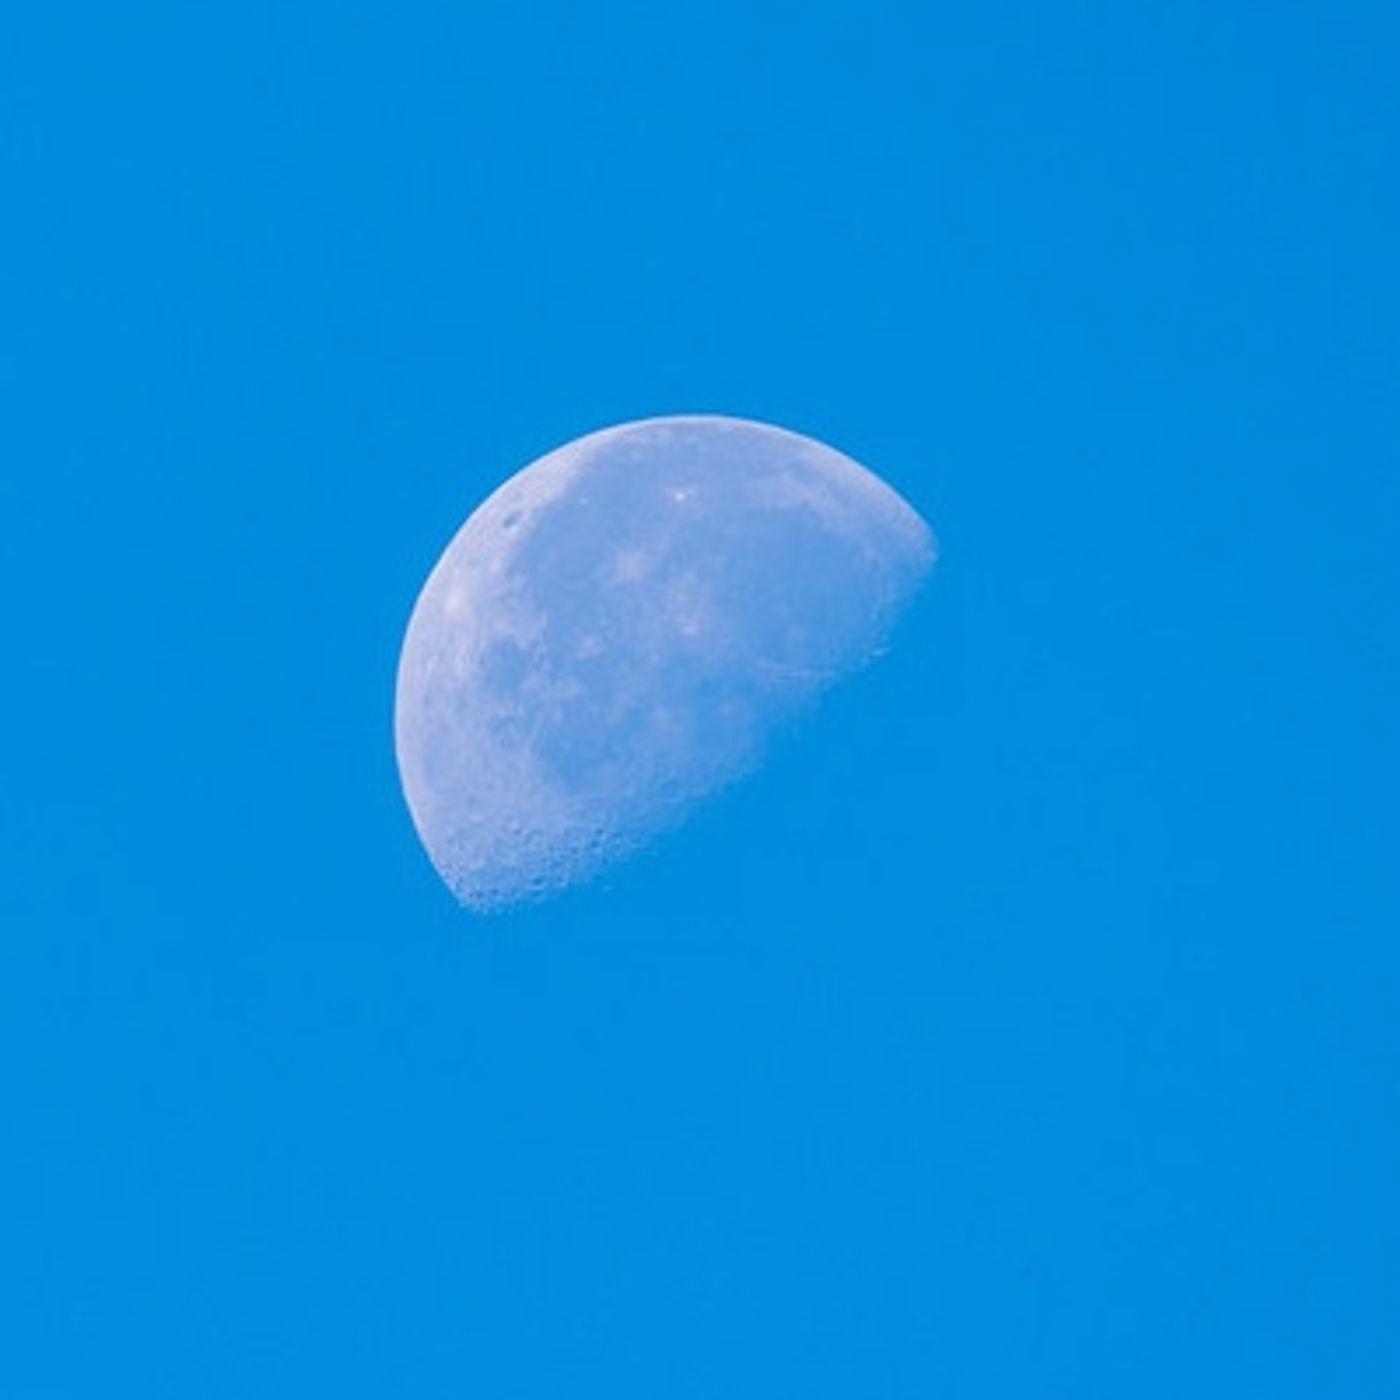 Acuerdo sobre las Actividades en la Luna y Cuerpos Celestes (Tratado)